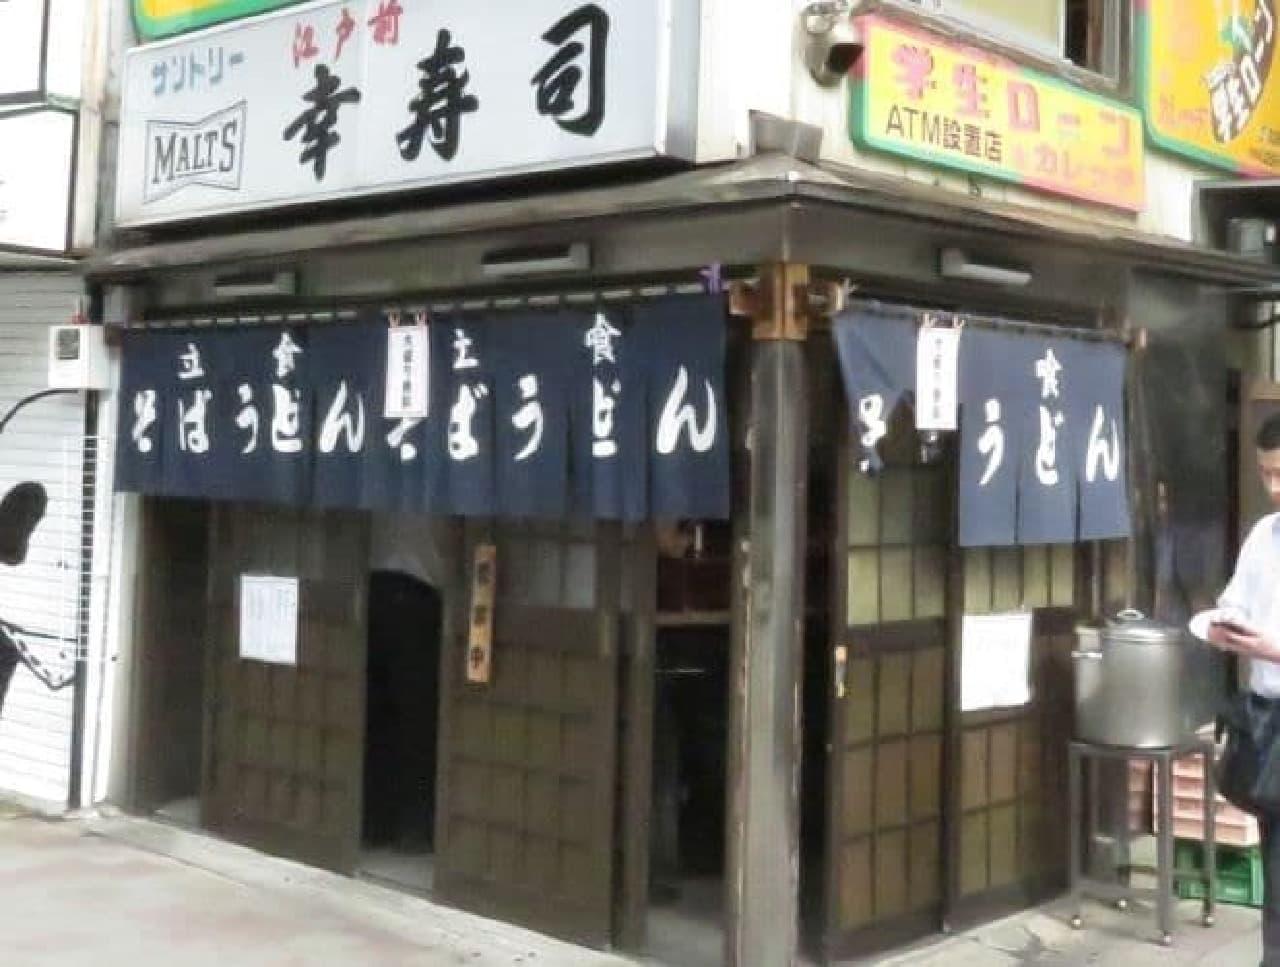 JR高田馬場駅から徒歩約1分でいける蕎麦屋「吉田屋そば店」